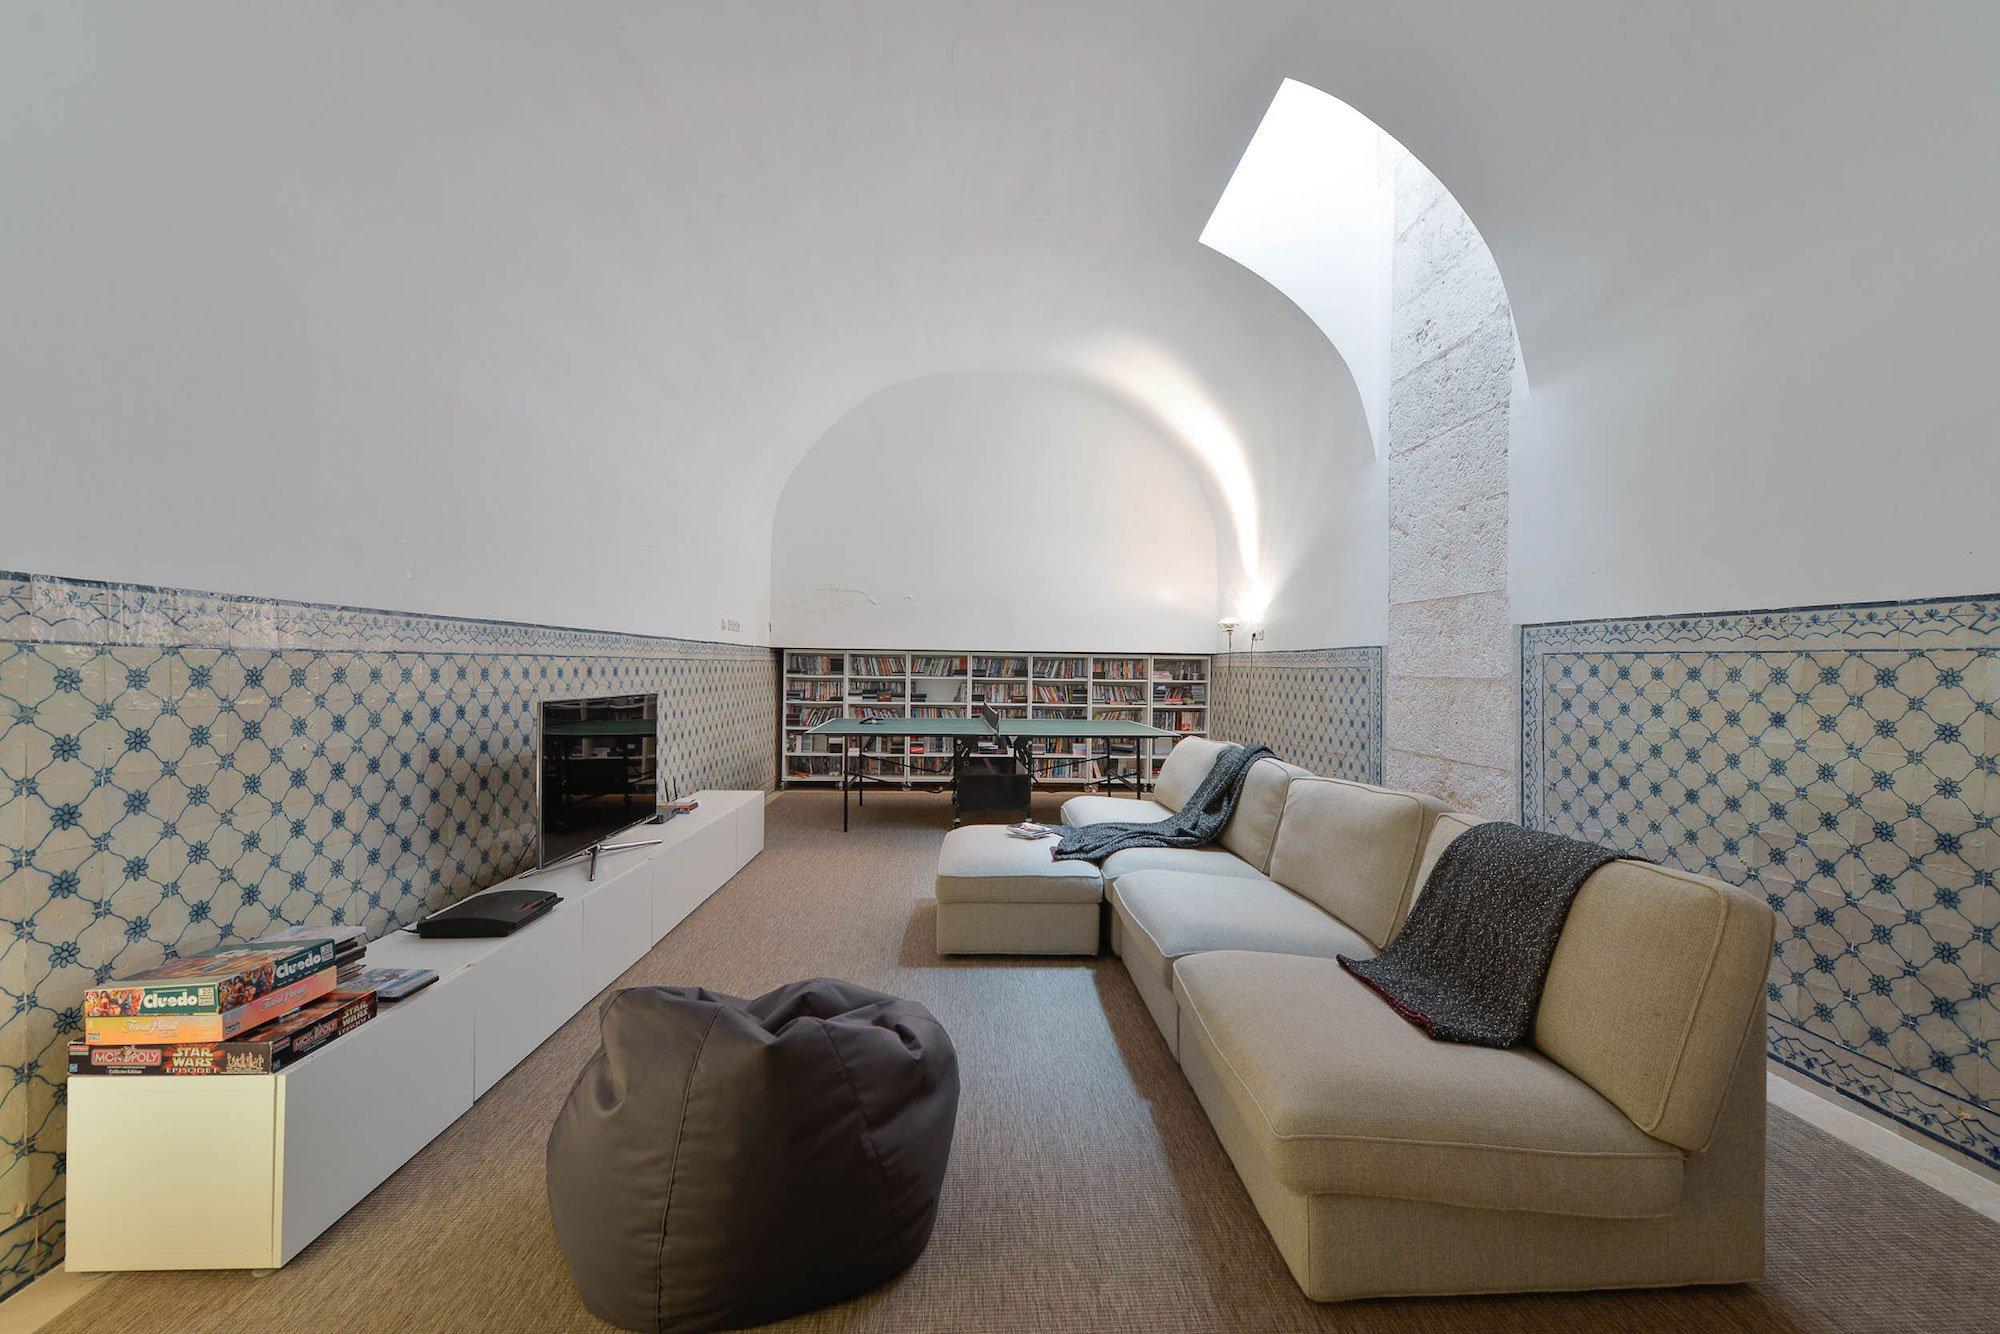 Casa na Rua de São Mamede ao Caldas by Aires Mateus Arquitectos